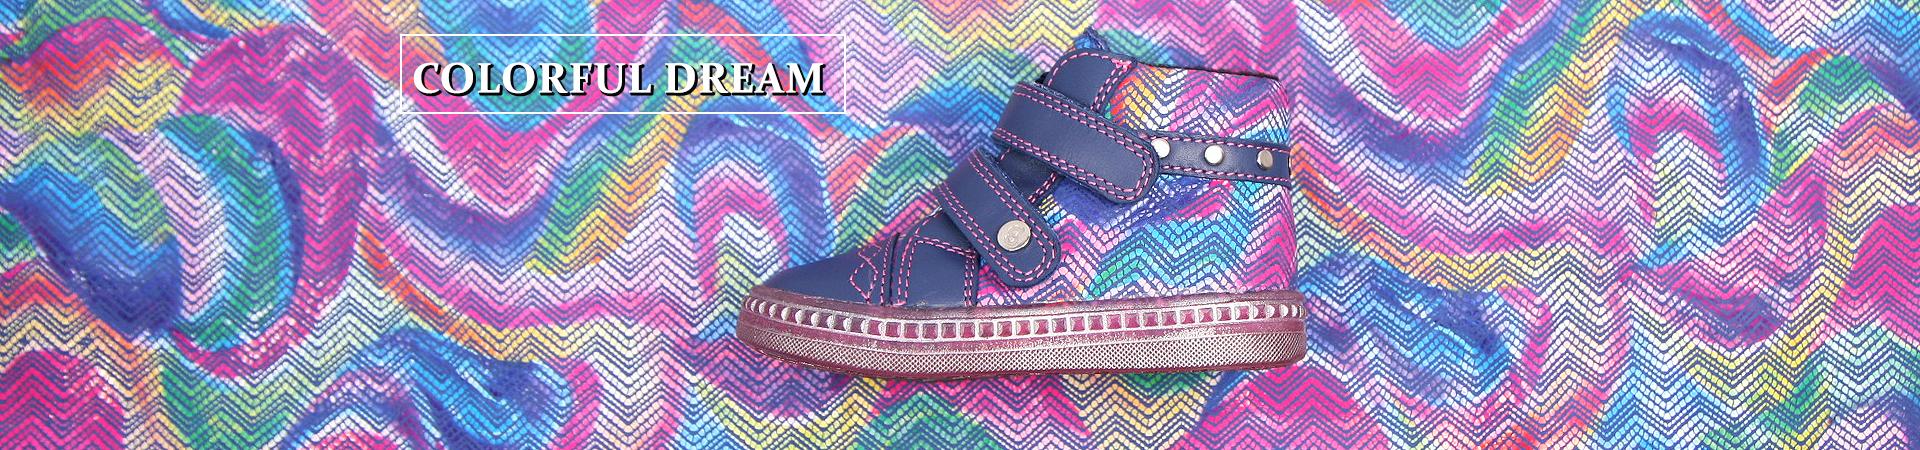 17 Colorful dream